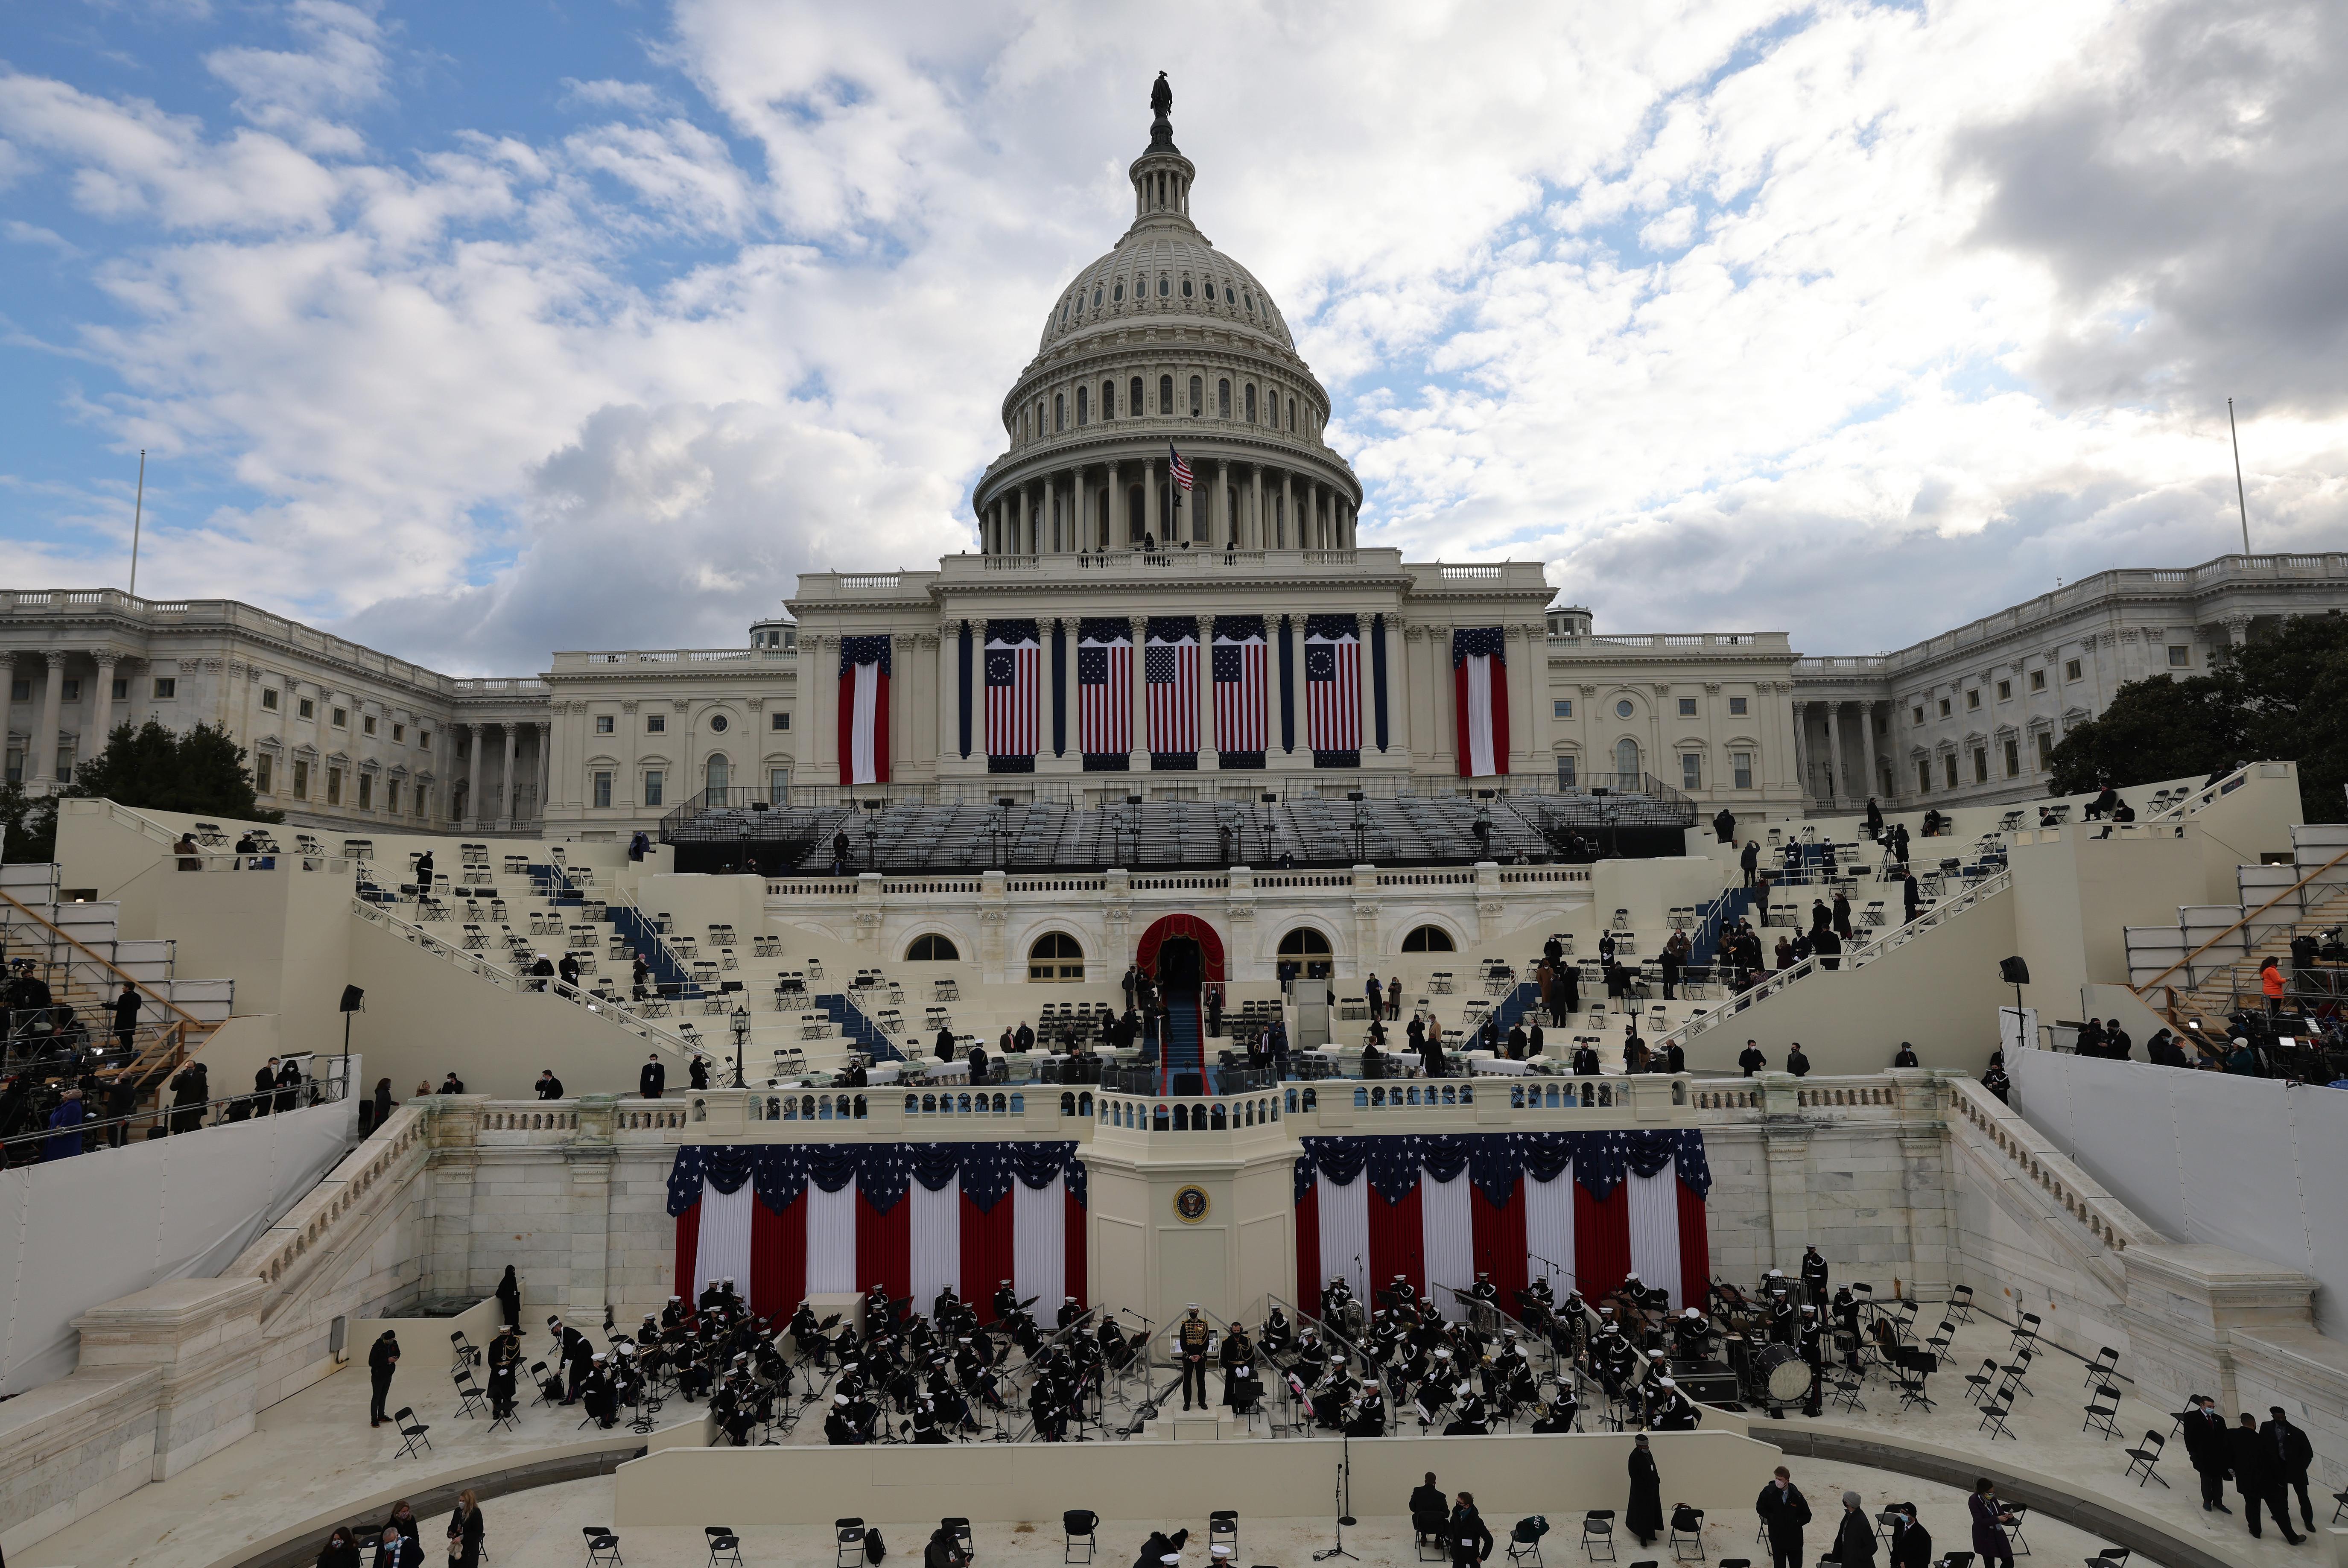 美國,拜登,振興,基礎建設,民主黨,共和黨,參議院,經濟,和解